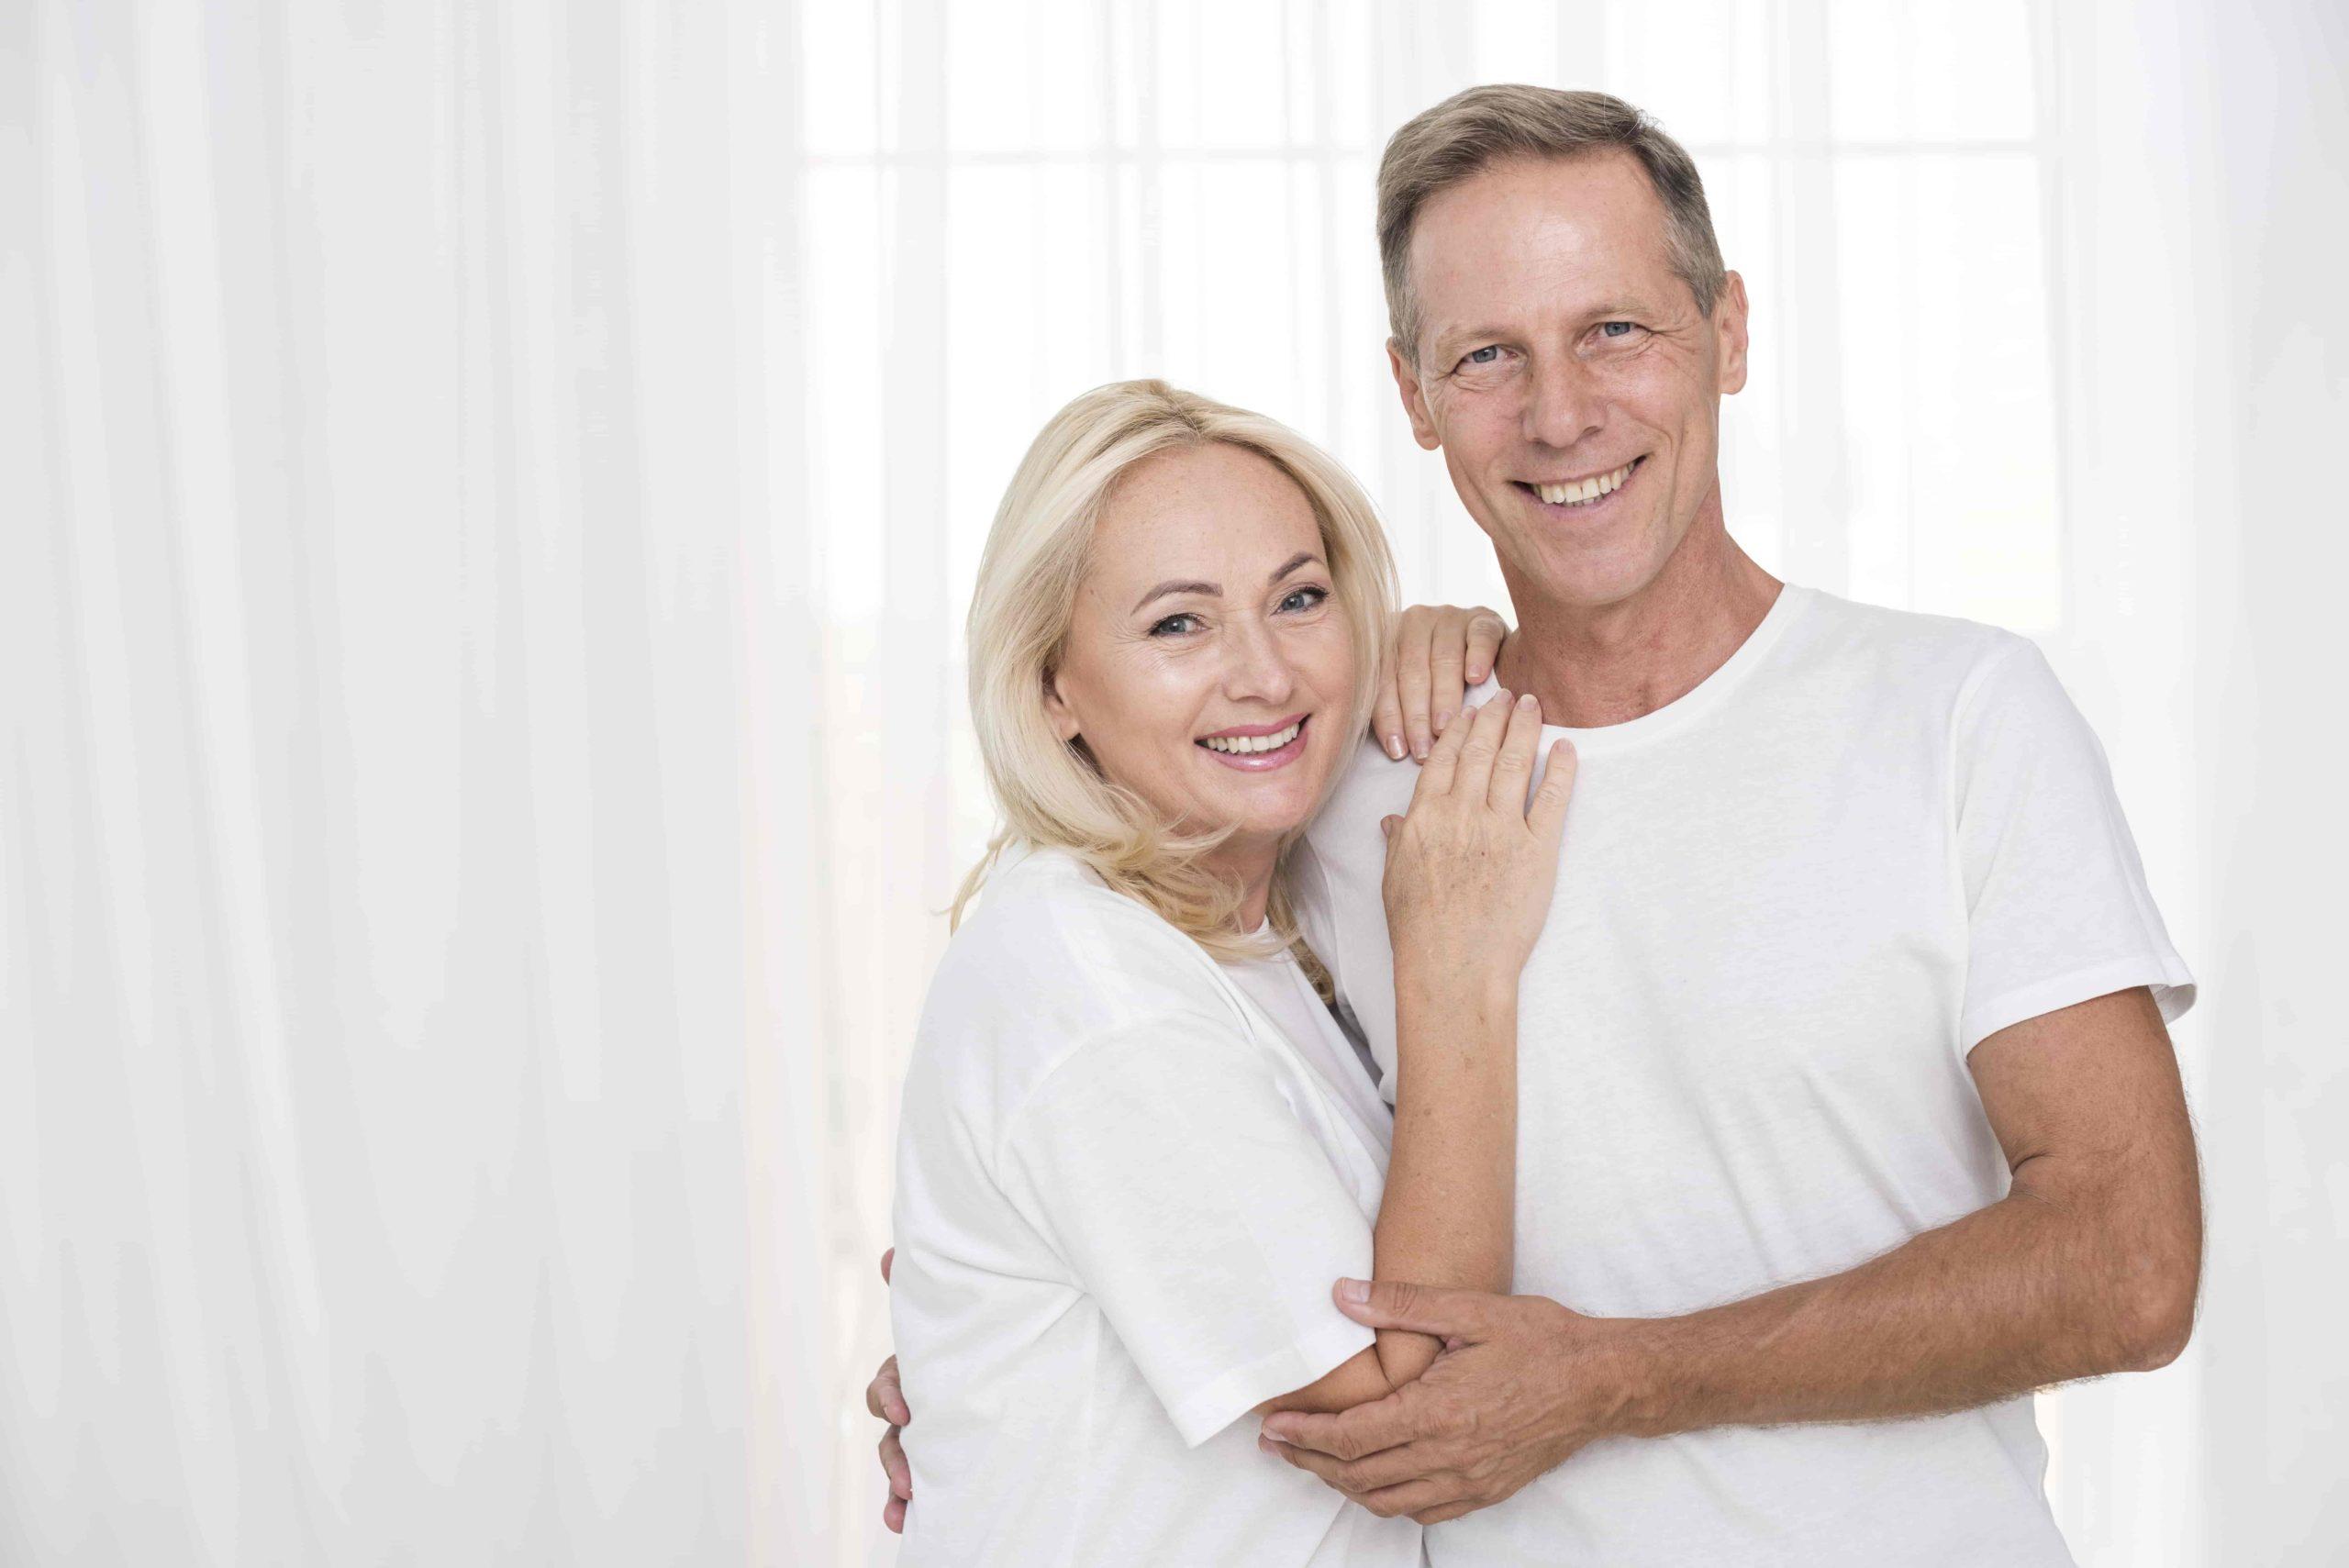 Impianti dentali anche con poco osso